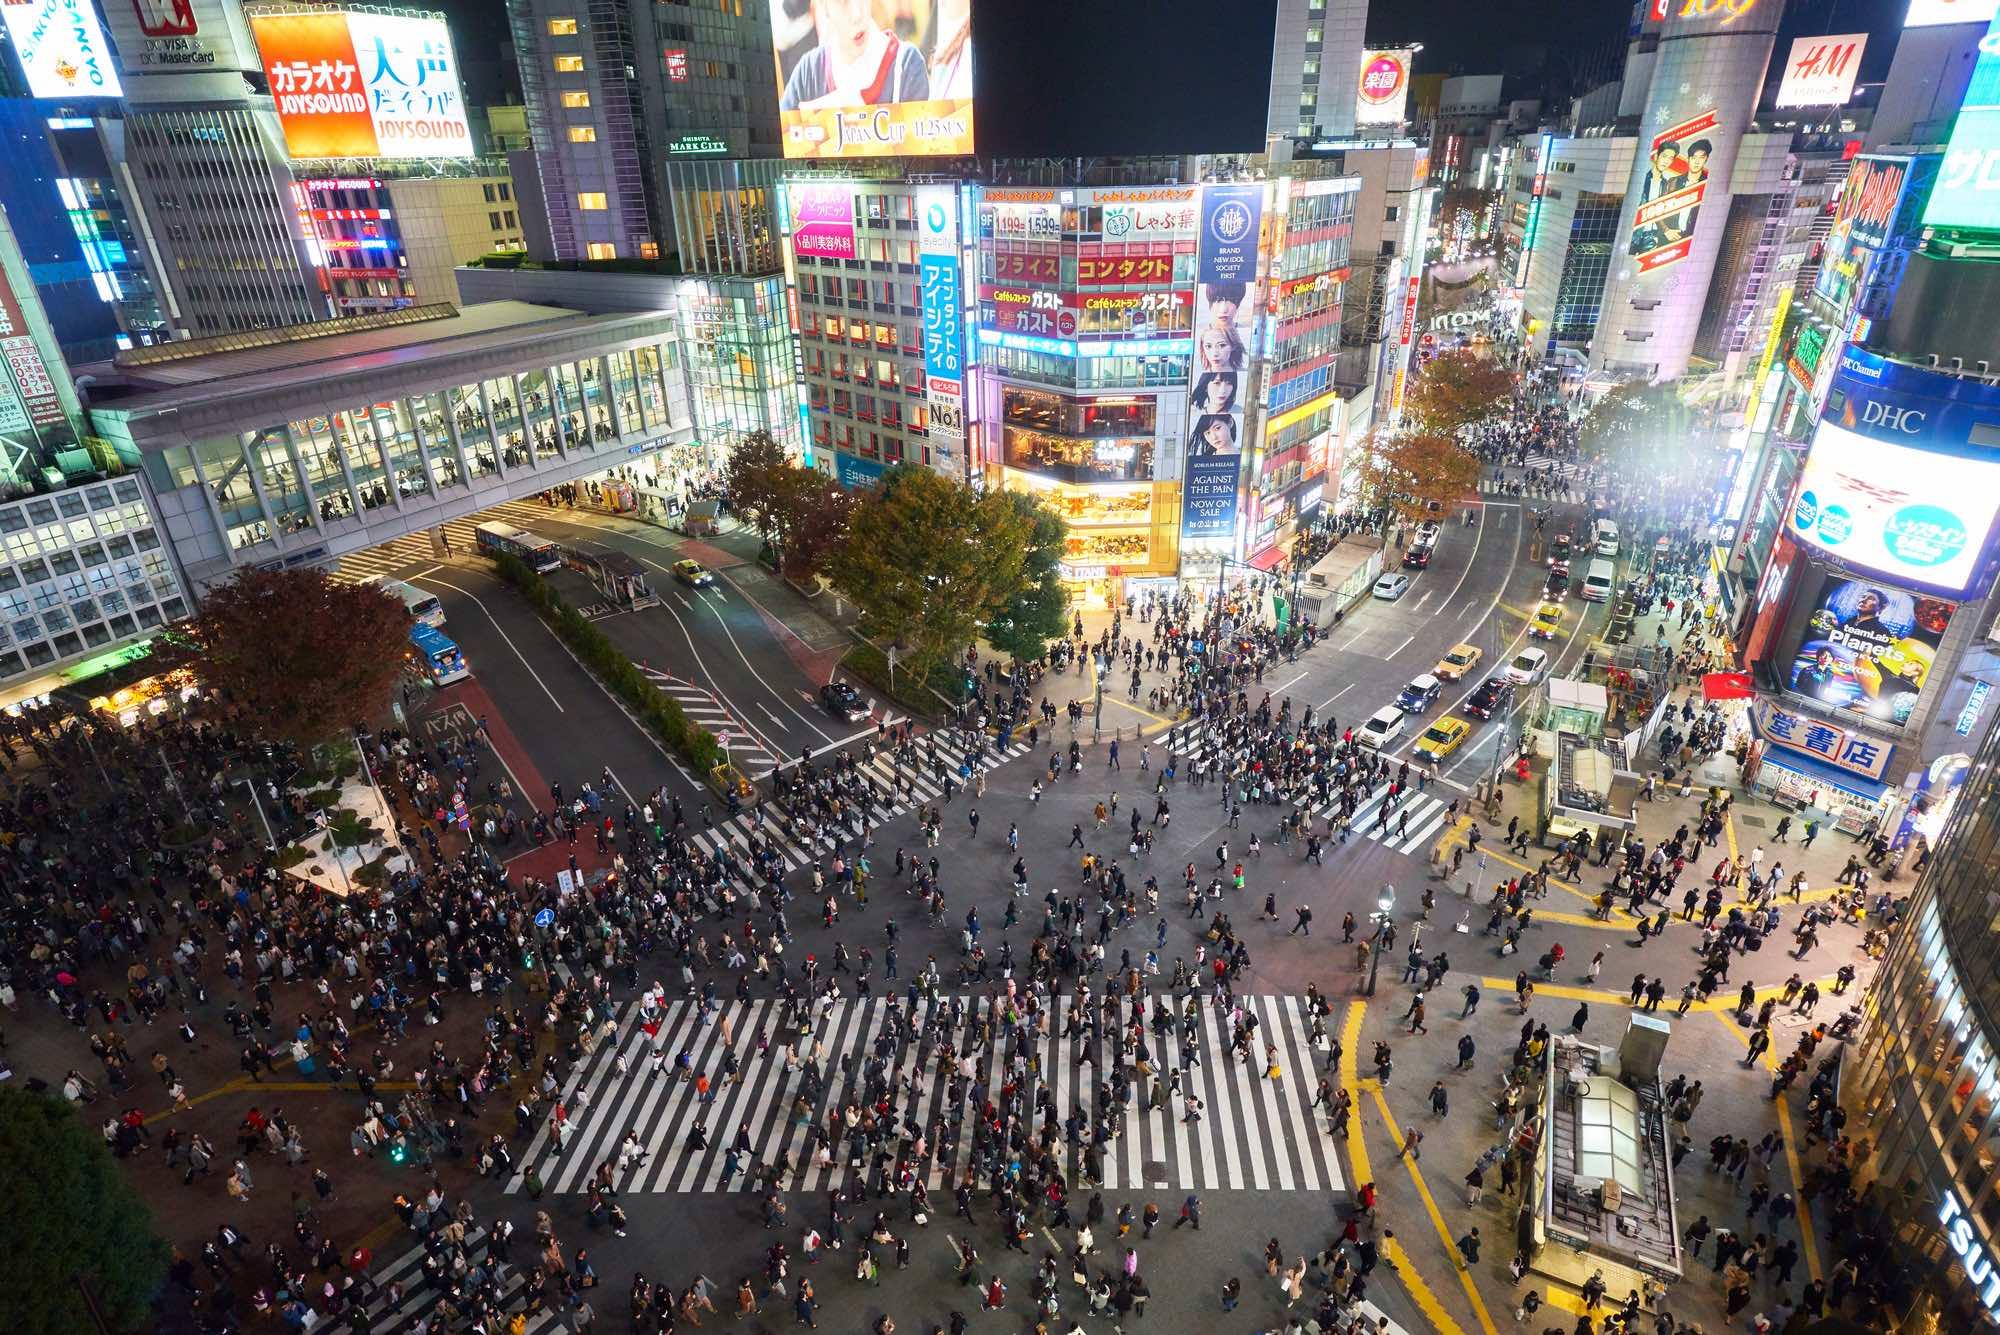 En alldeles vanlig afton ovanför Shibuya Crossing.. Och mera folk i Tokyo blir det för varje år som går.  Klicka för större bild.  Foto: Timo Volz via Unsplash (Public Domain). Klicka för större bild.